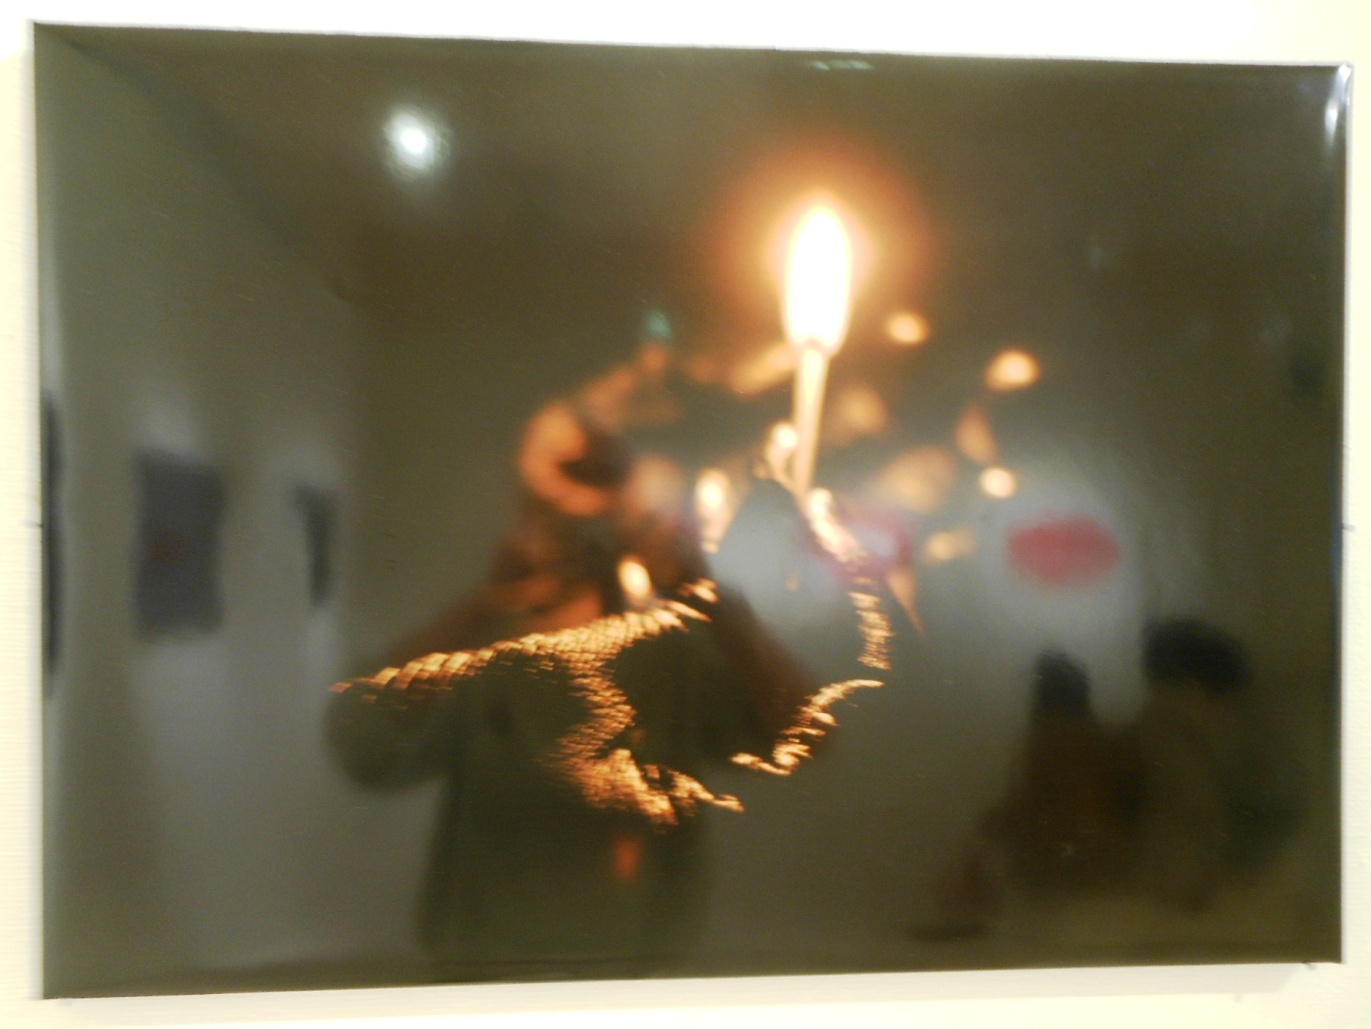 1702)「札幌市立大学 写真・映像部「SEED」 -拡張する視覚-(4人展)」アイボリー 4月11日(木)~4月15日(日)_f0126829_235488.jpg